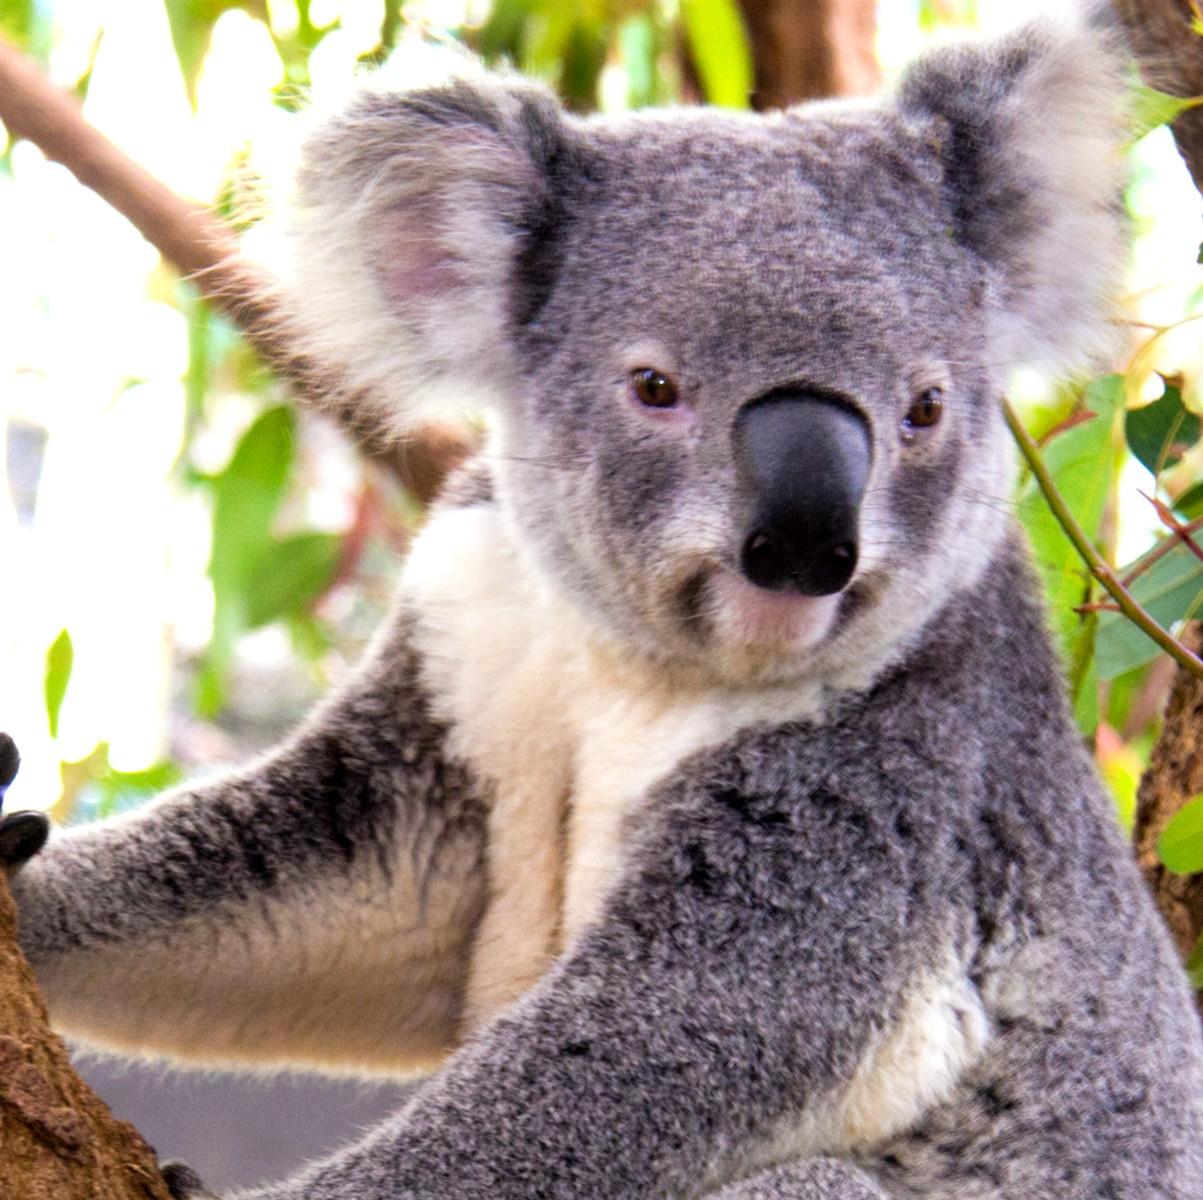 Dessins En Couleurs À Imprimer : Koala, Numéro : 689827 pour Image D Animaux A Imprimer En Couleur